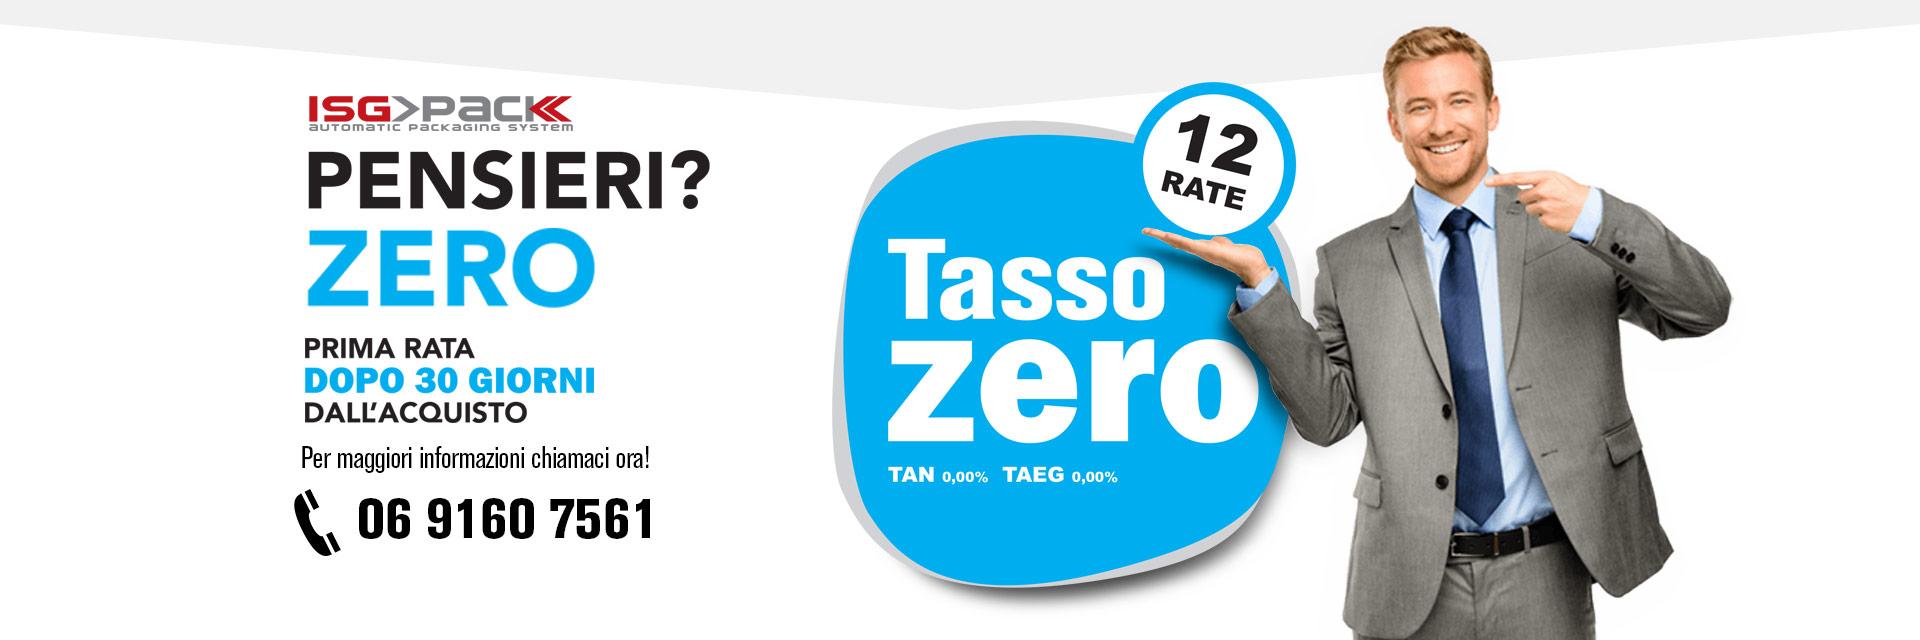 Tasso Zero ISG PACK - Chiama ora per scroprire i vantaggi